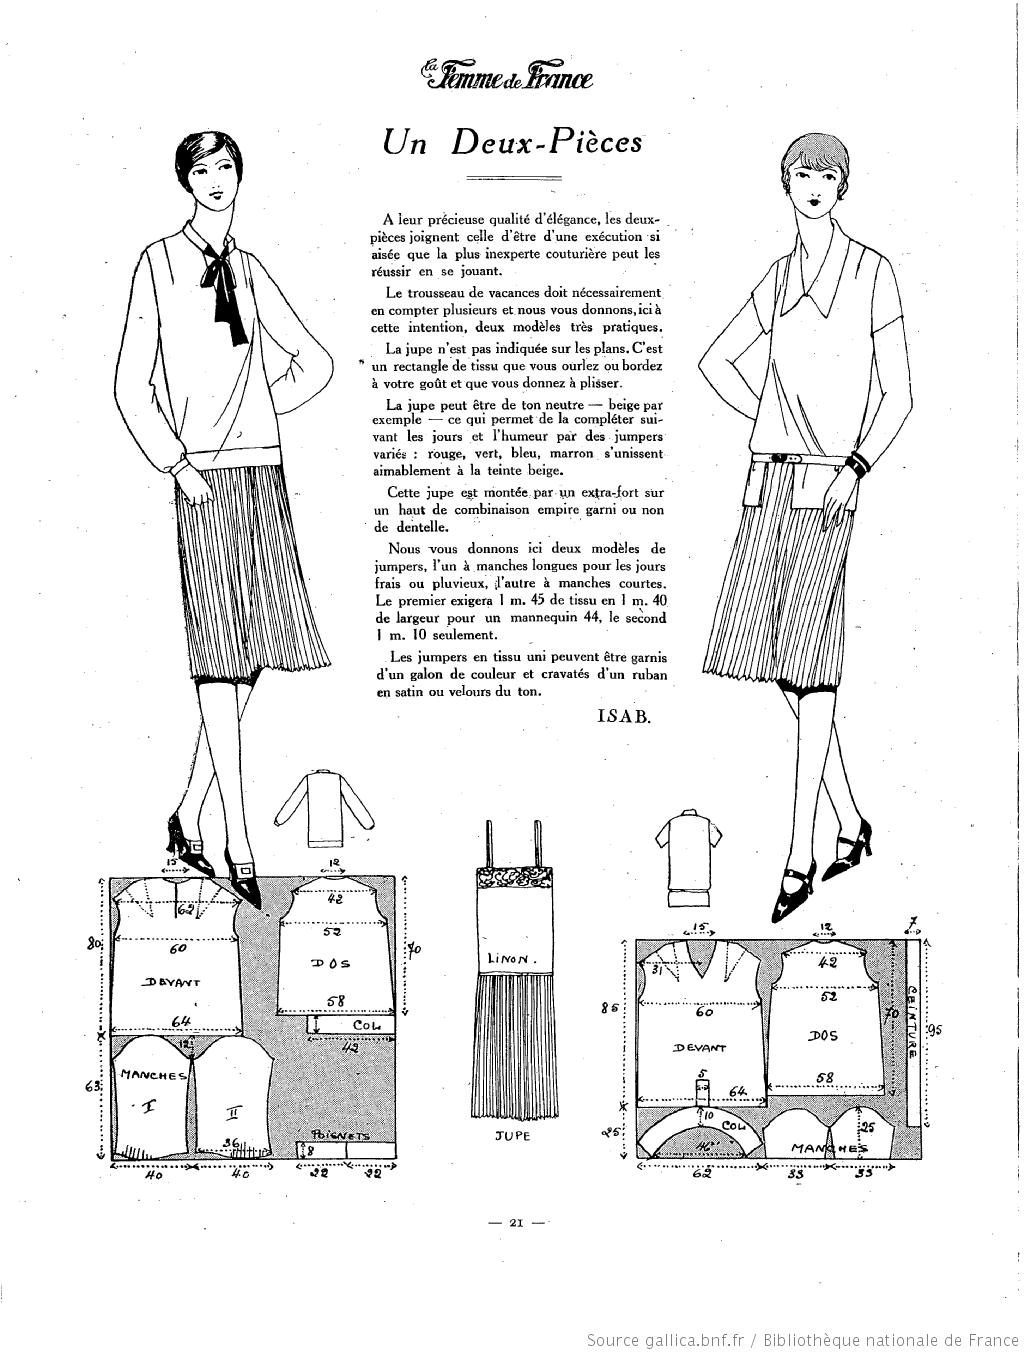 La Femme de France 1926 | To Do | Pinterest | Moda vintage, De época ...